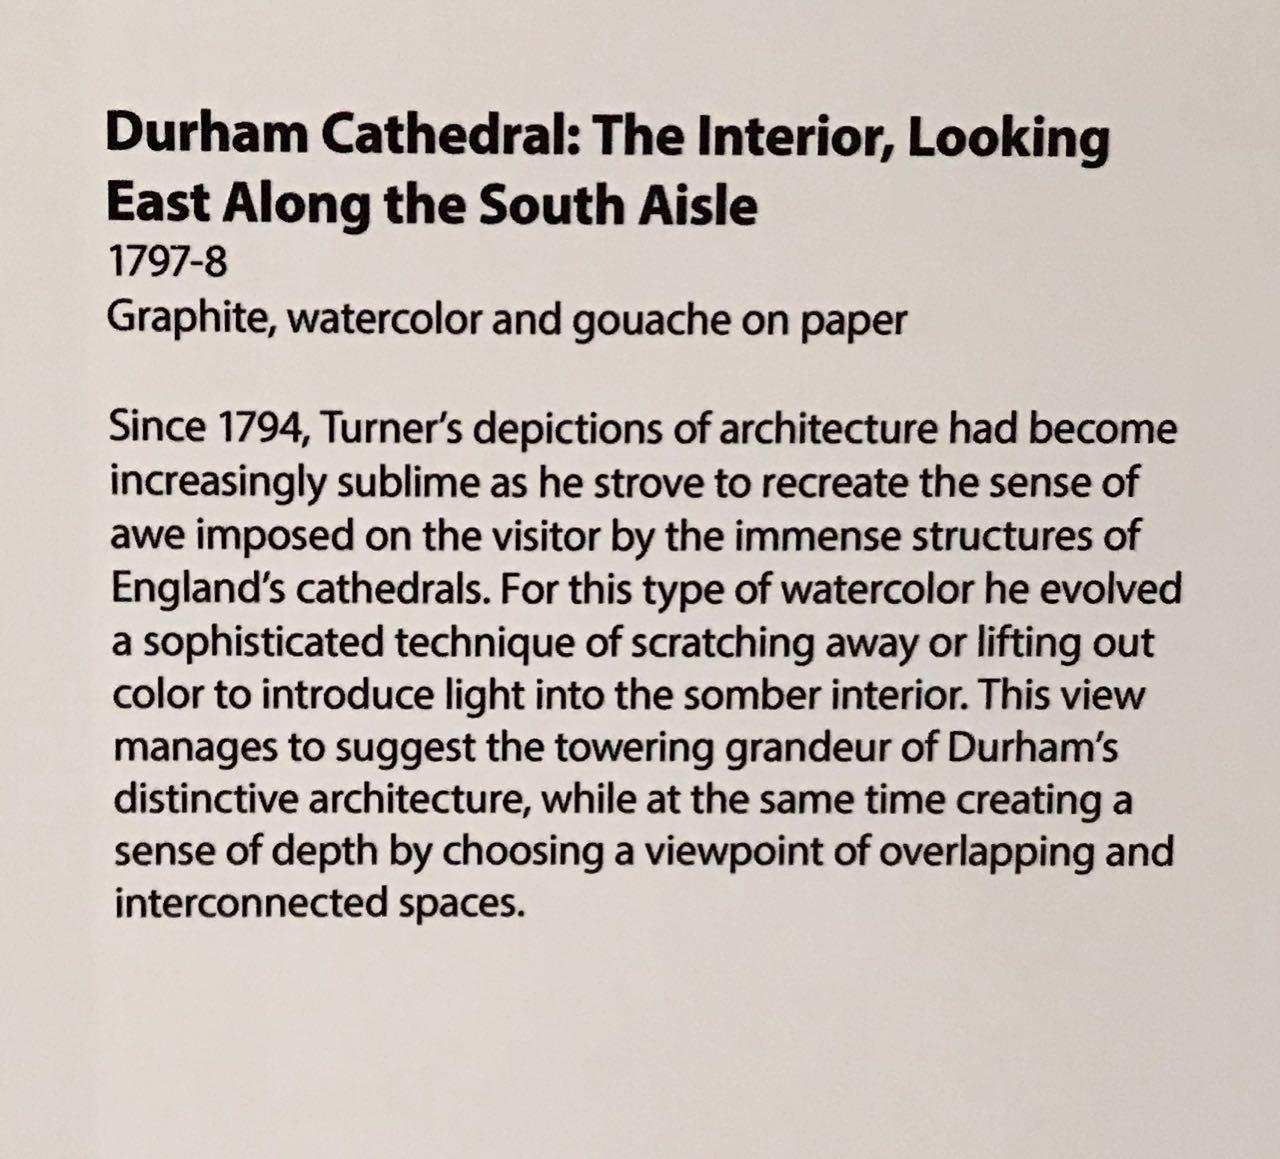 Turner08b_Blurb:DurhamCathedralTheInteriorLookingEastAlongTheSouthAisle1797-8